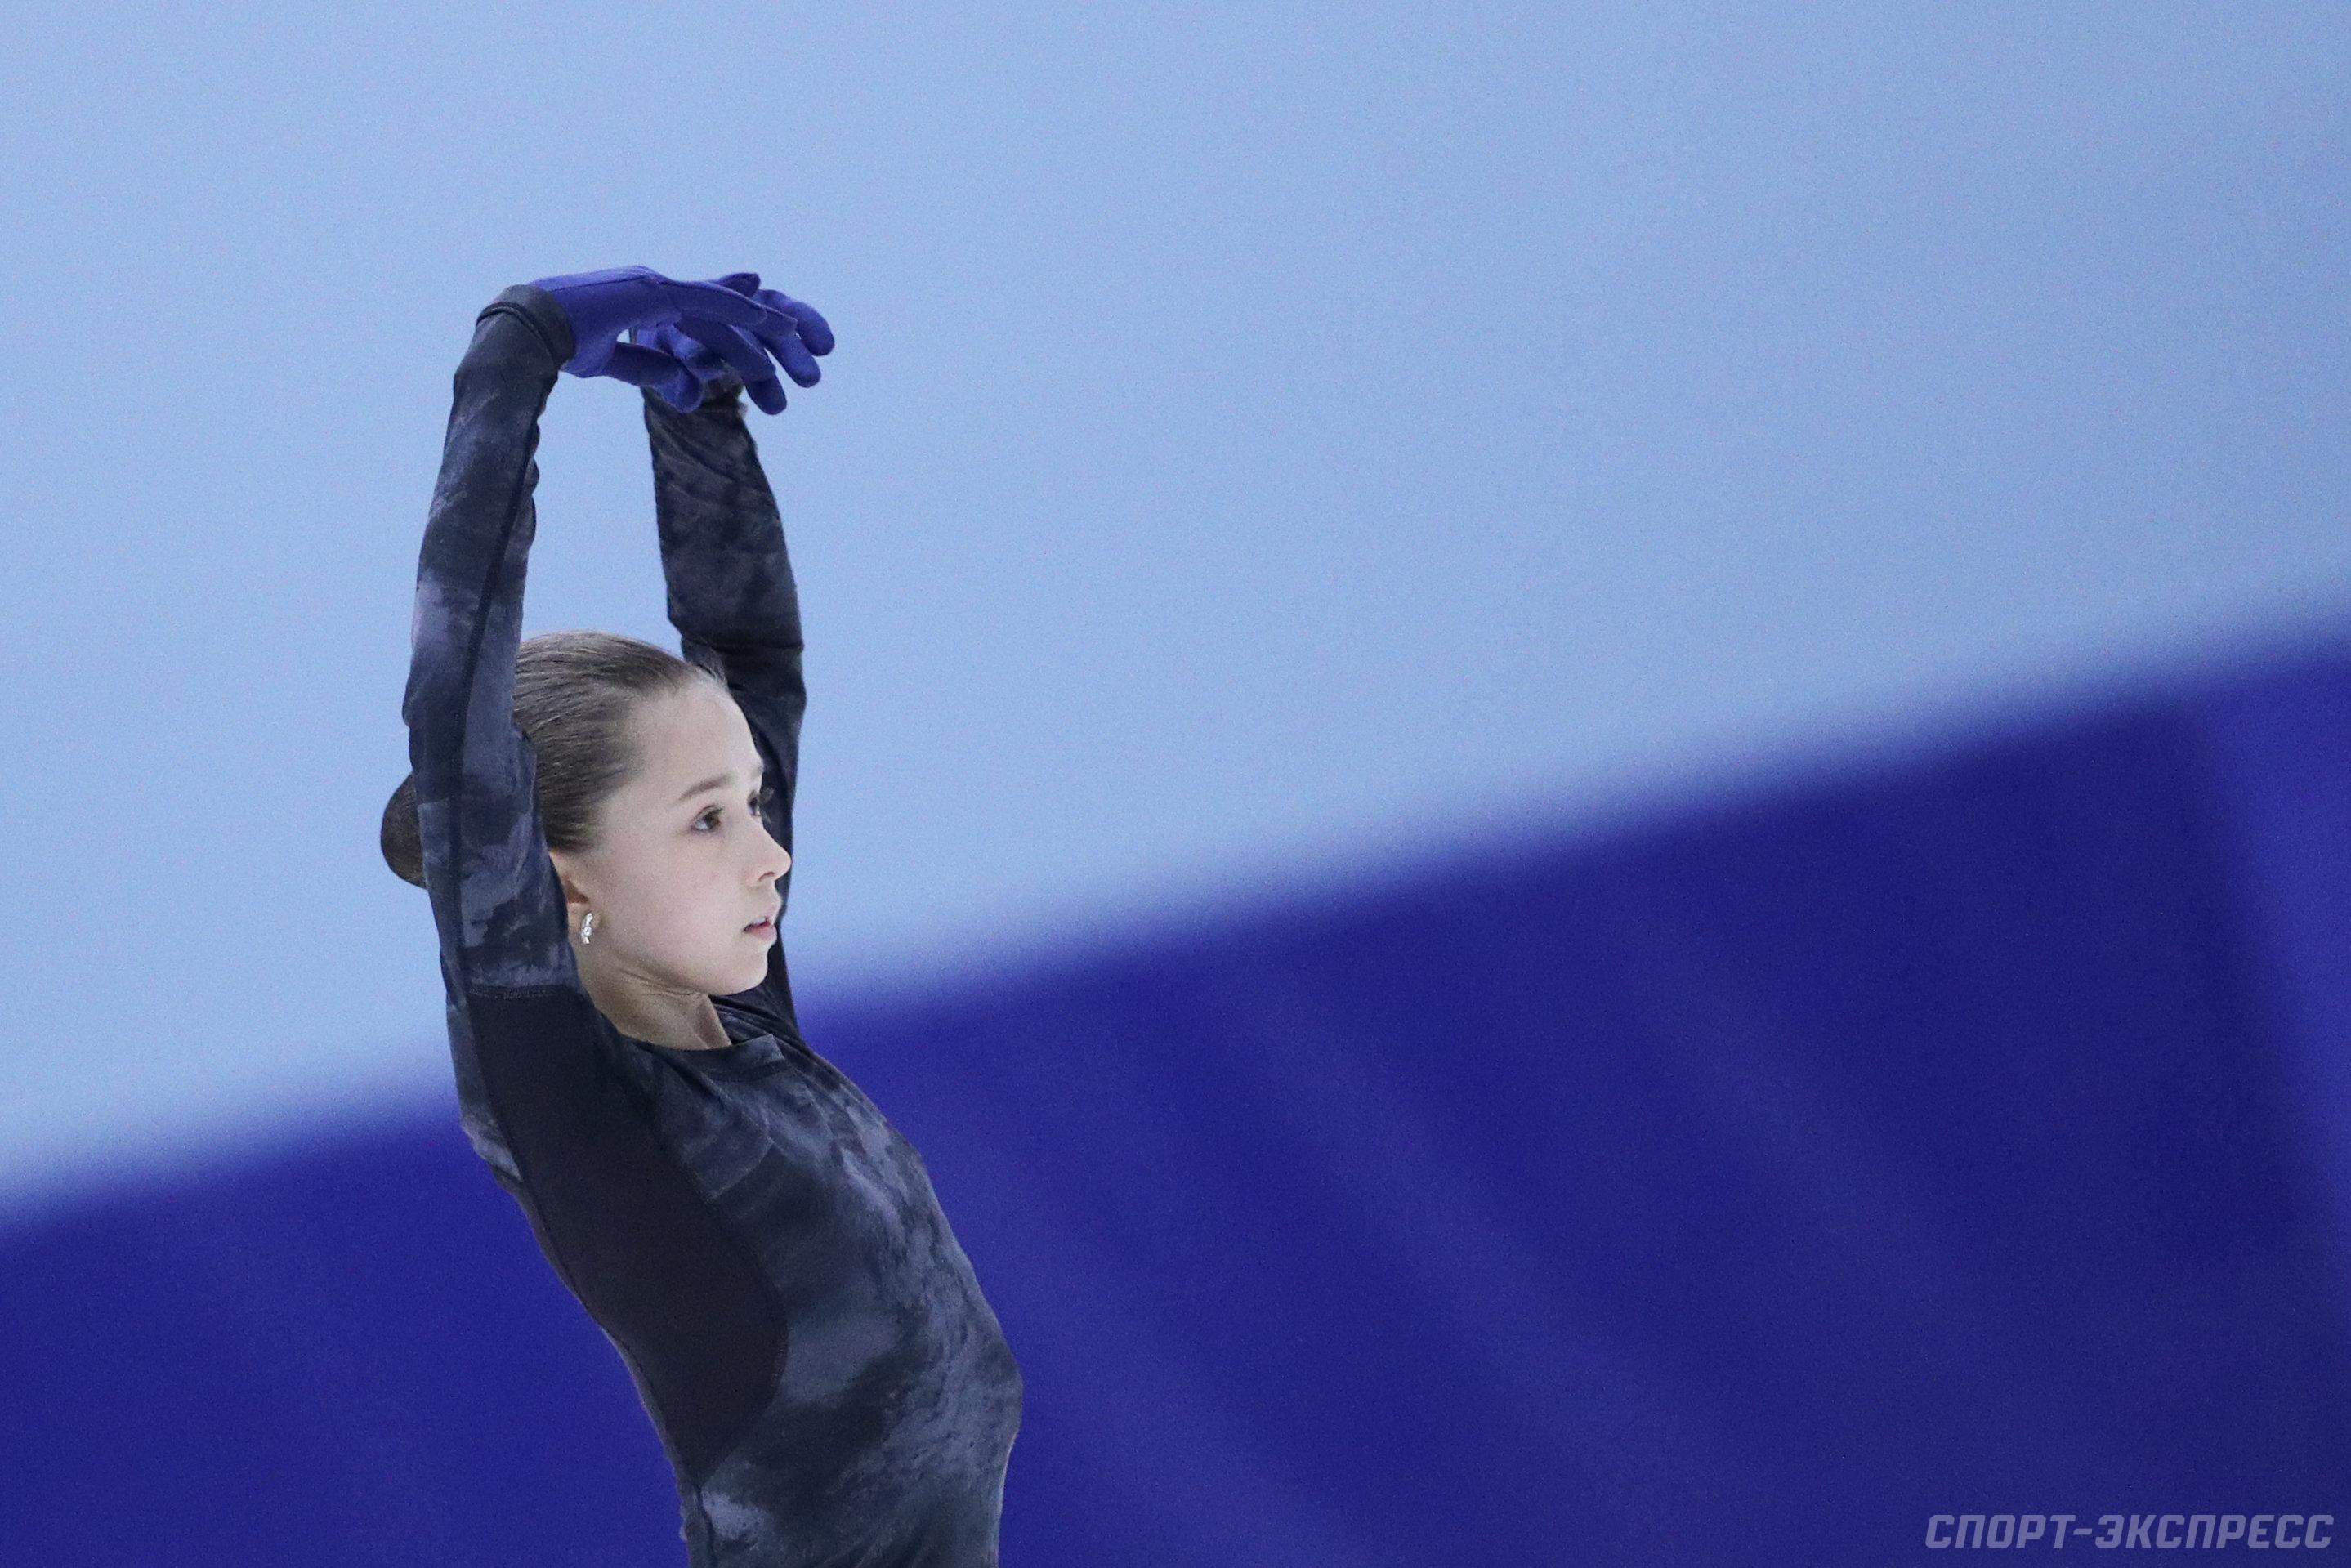 JGP - 4 этап. 11.09 - 14.09 Челябинск, Россия   - Страница 6 Origin